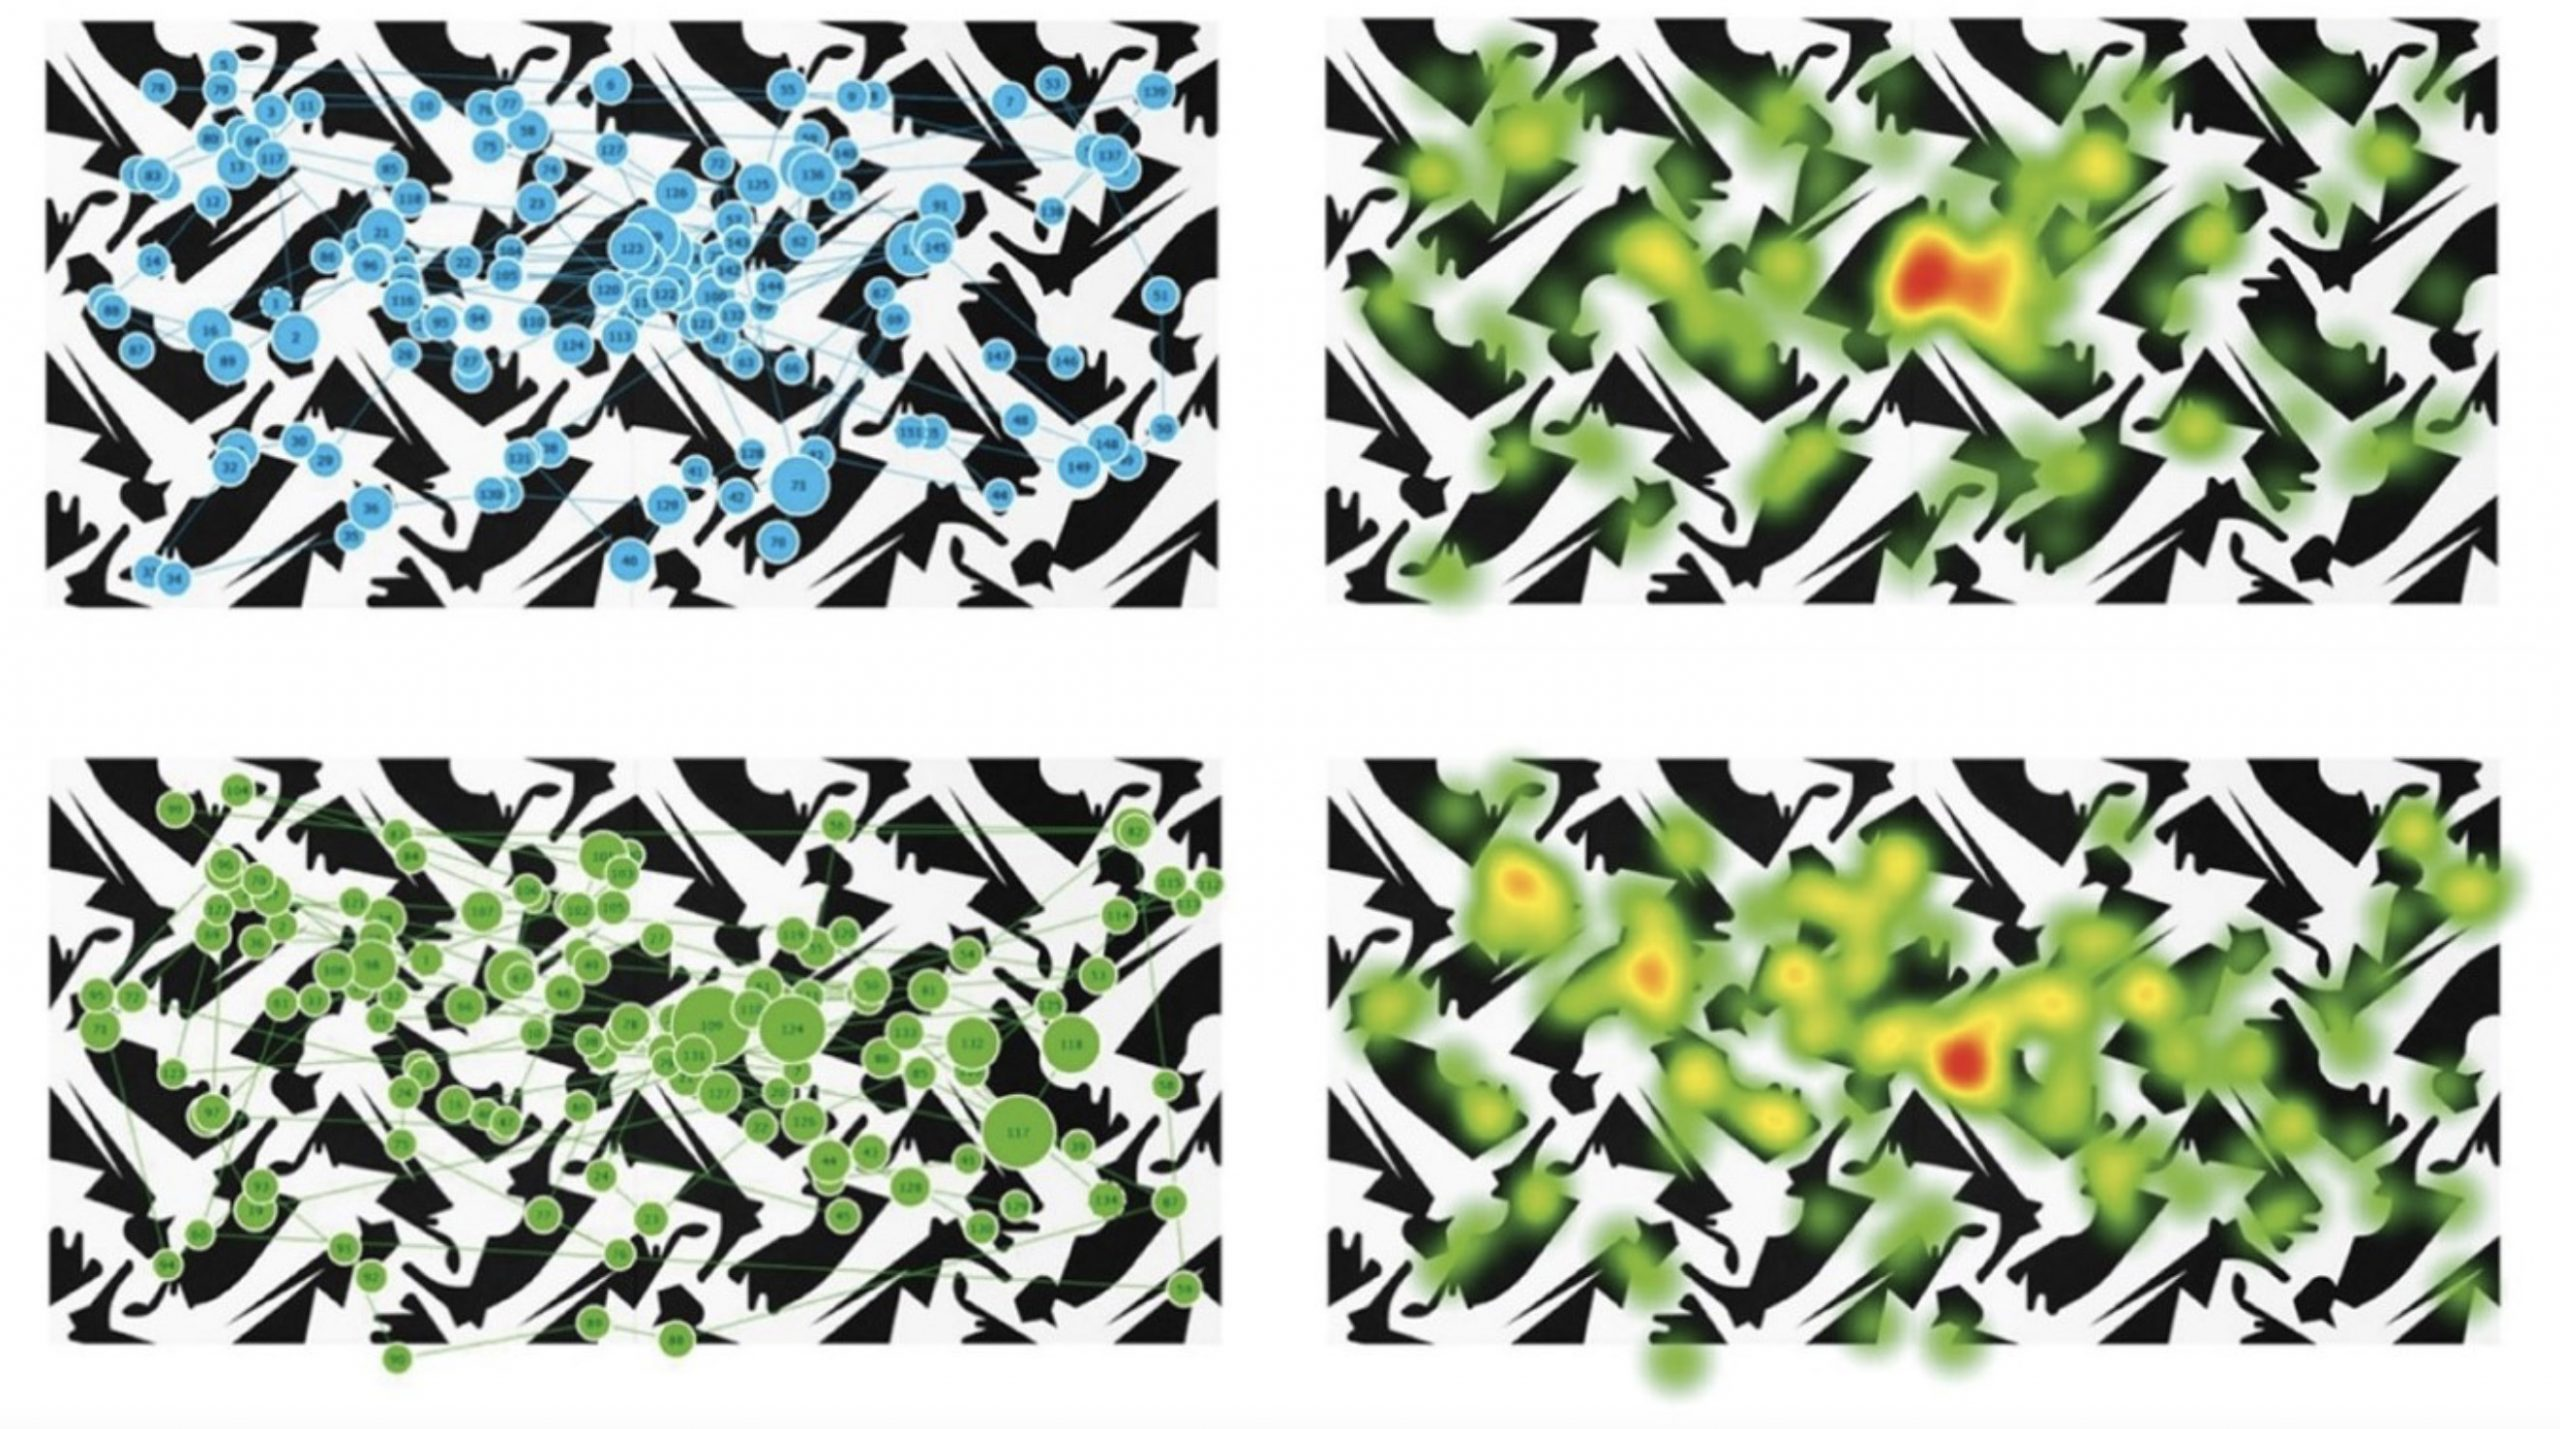 analisi neuroscientifica dipinti quilting roma